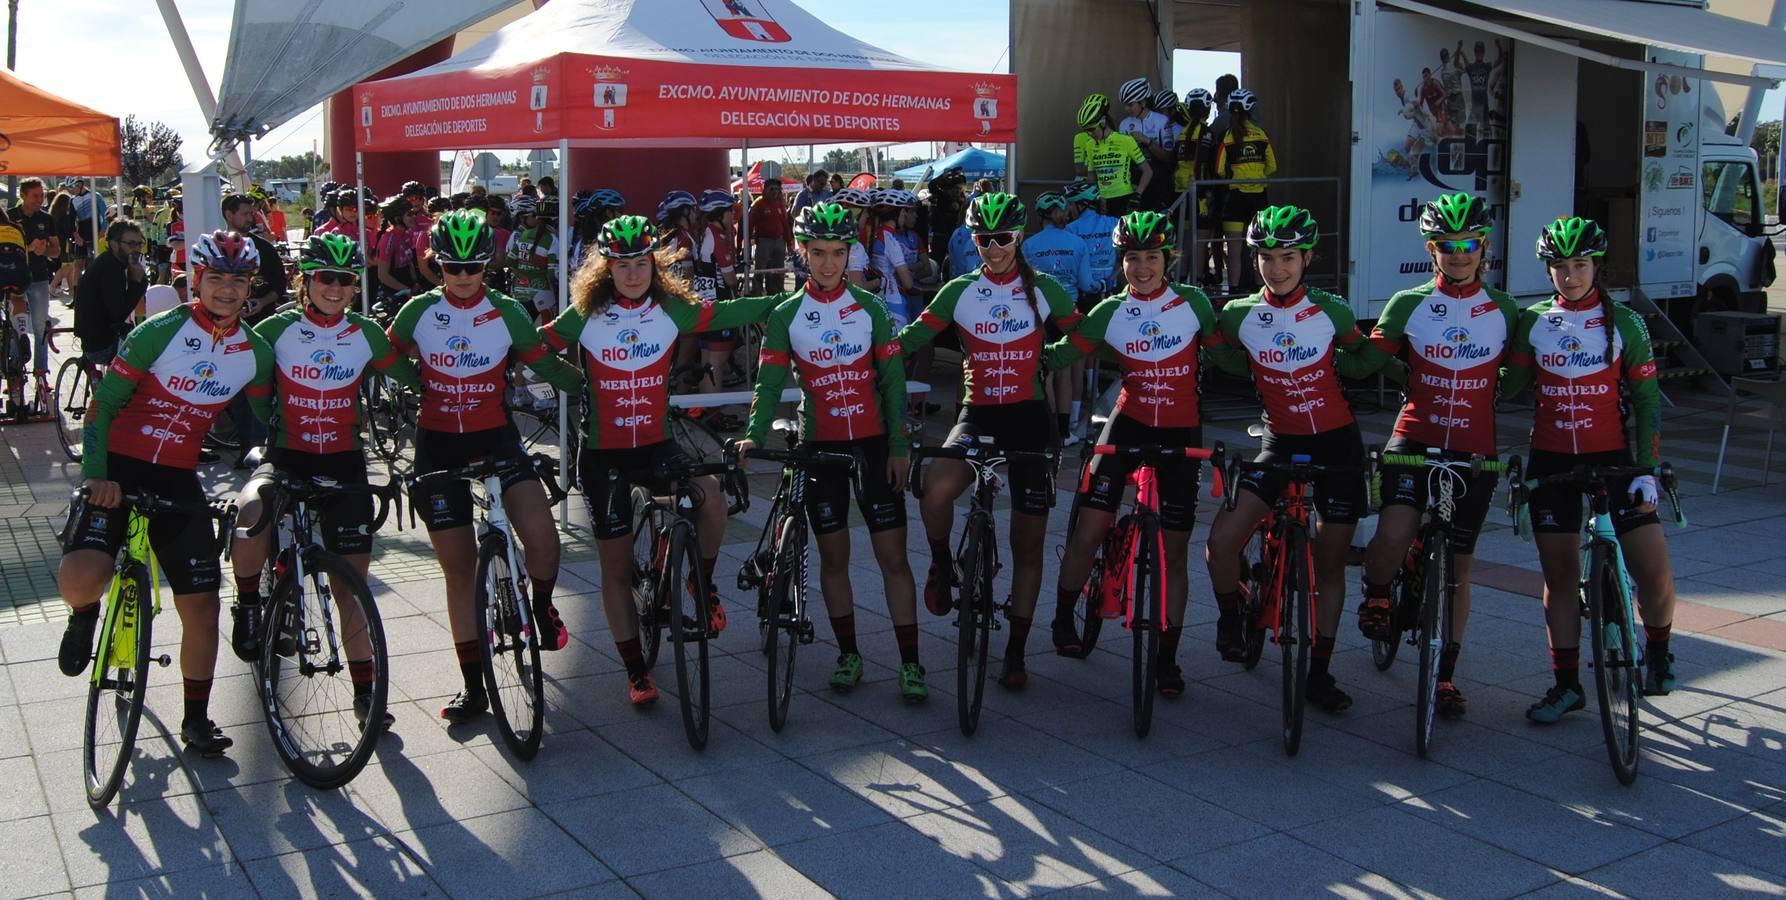 El equipo Río Miera regresa a la competición este sábado en una prueba de la Copa de España en Balmaseda